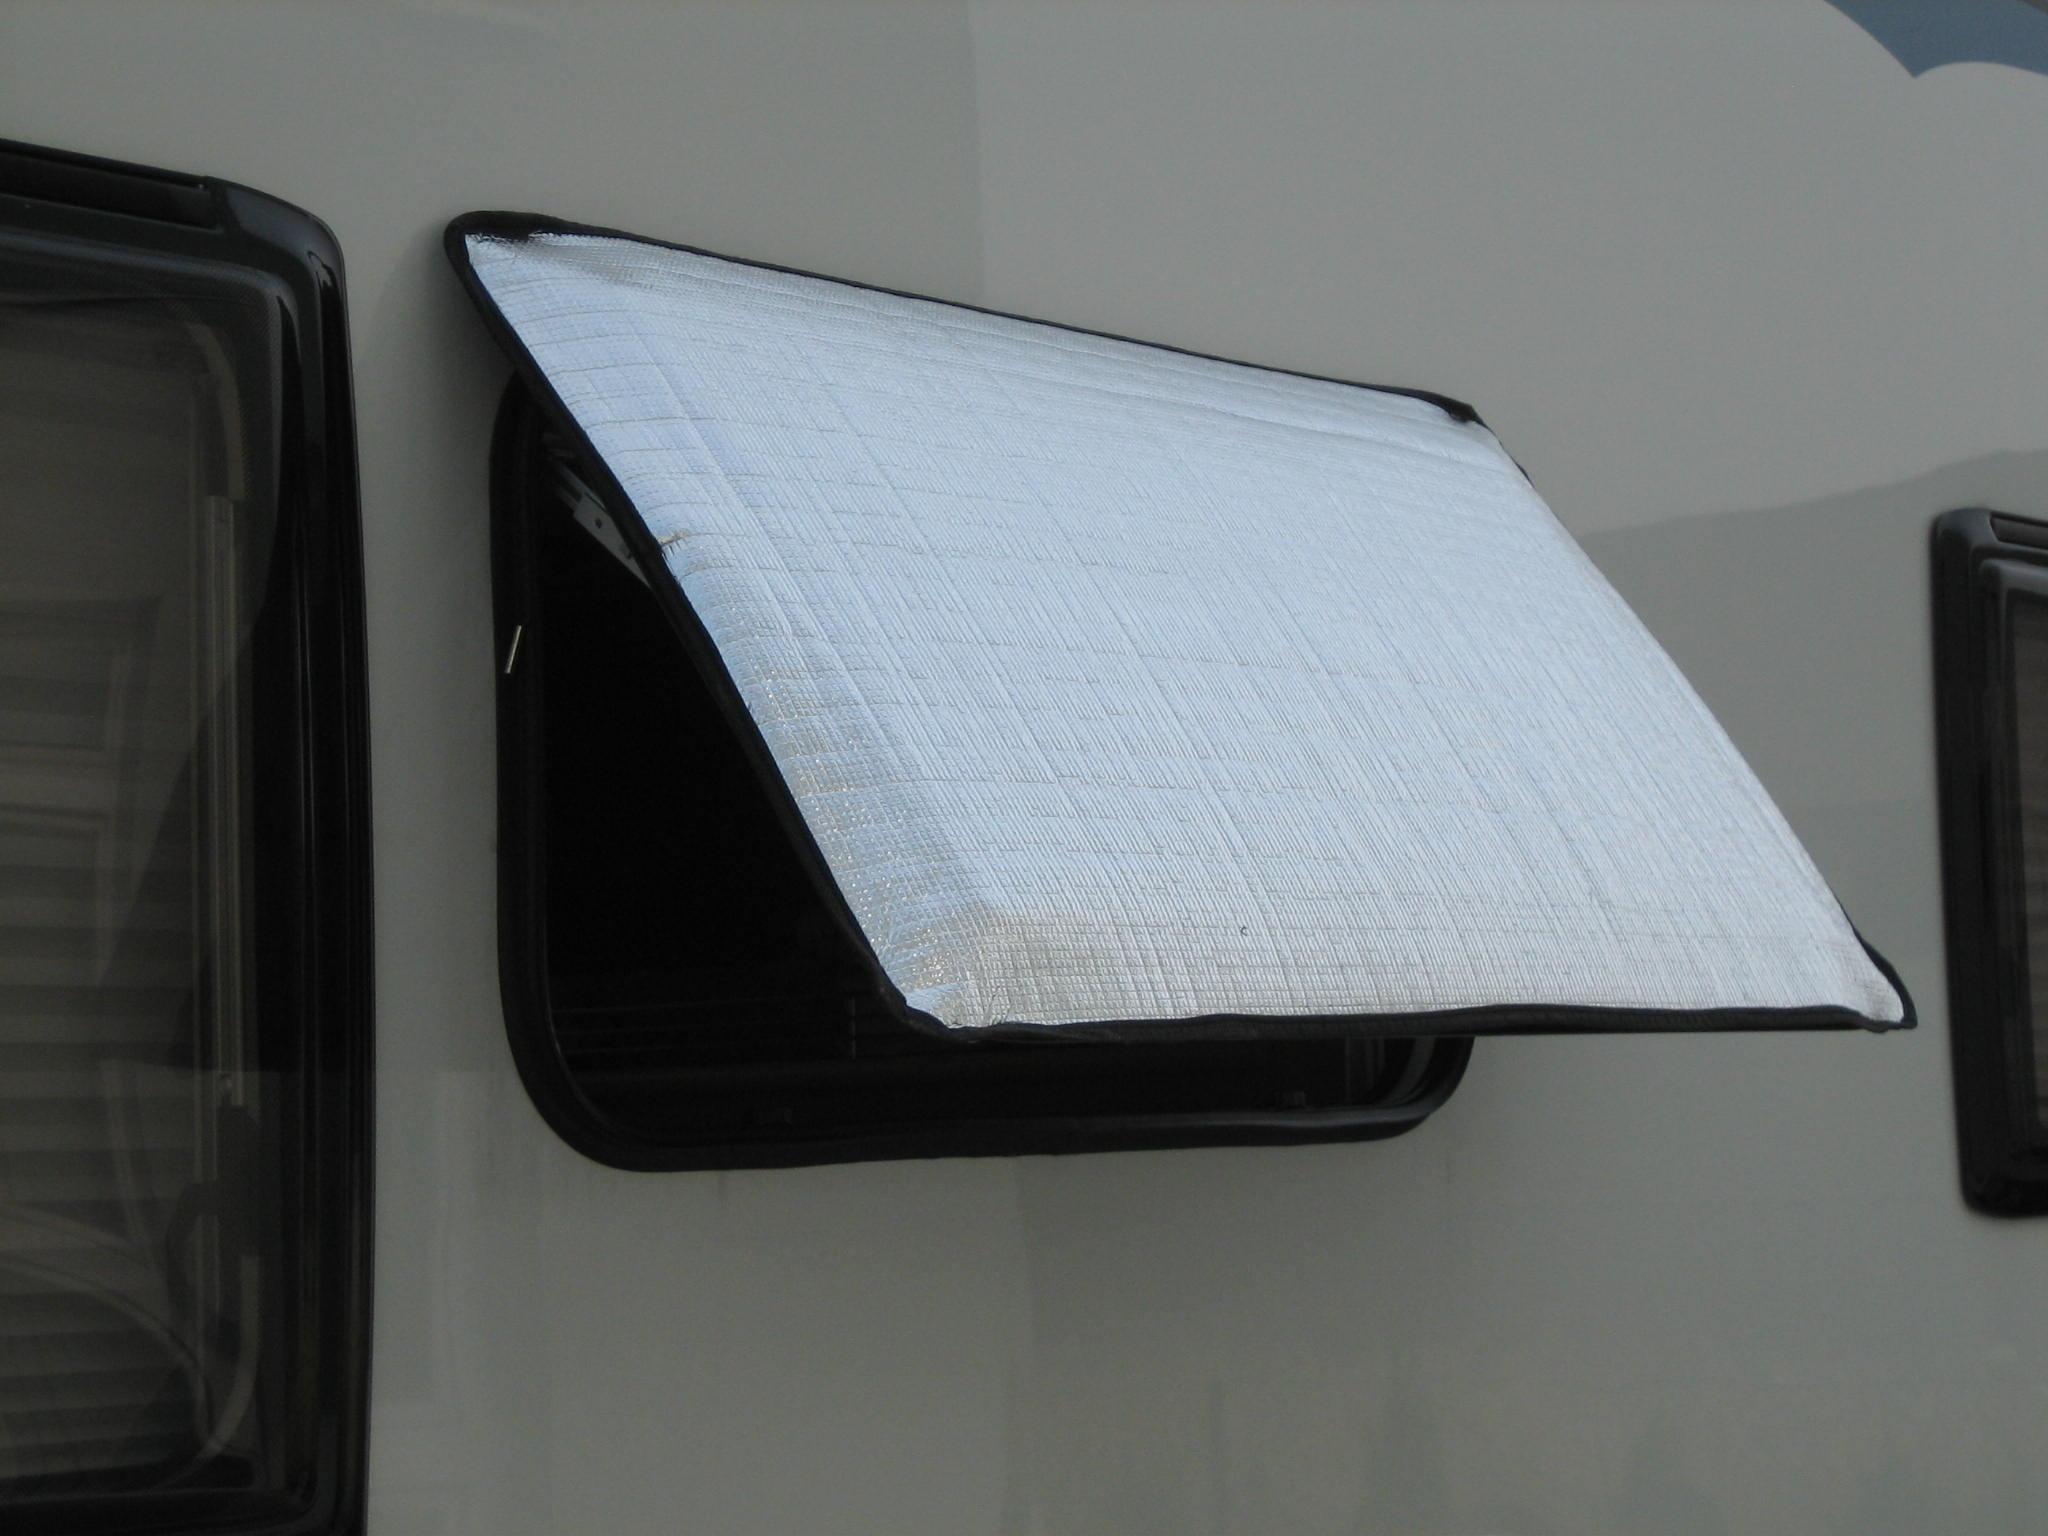 fenster und dachhauben sonnenabdeckungen wohnmobil forum. Black Bedroom Furniture Sets. Home Design Ideas